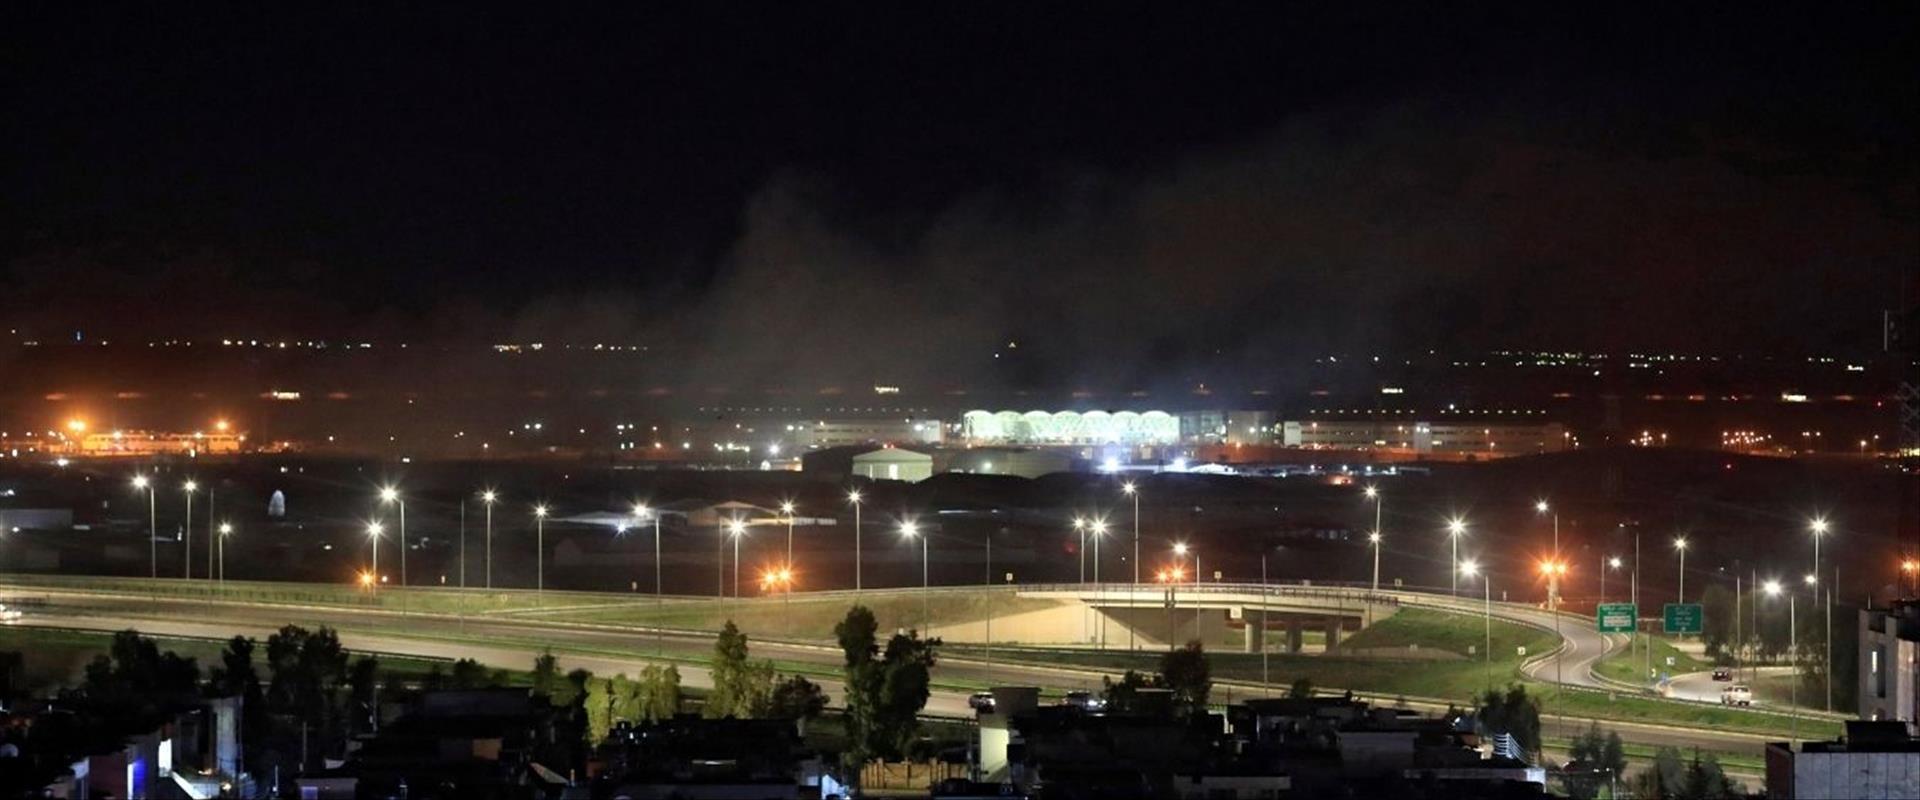 המתקפה על מטרות אמריקנות בבגדאד, 15.02.21